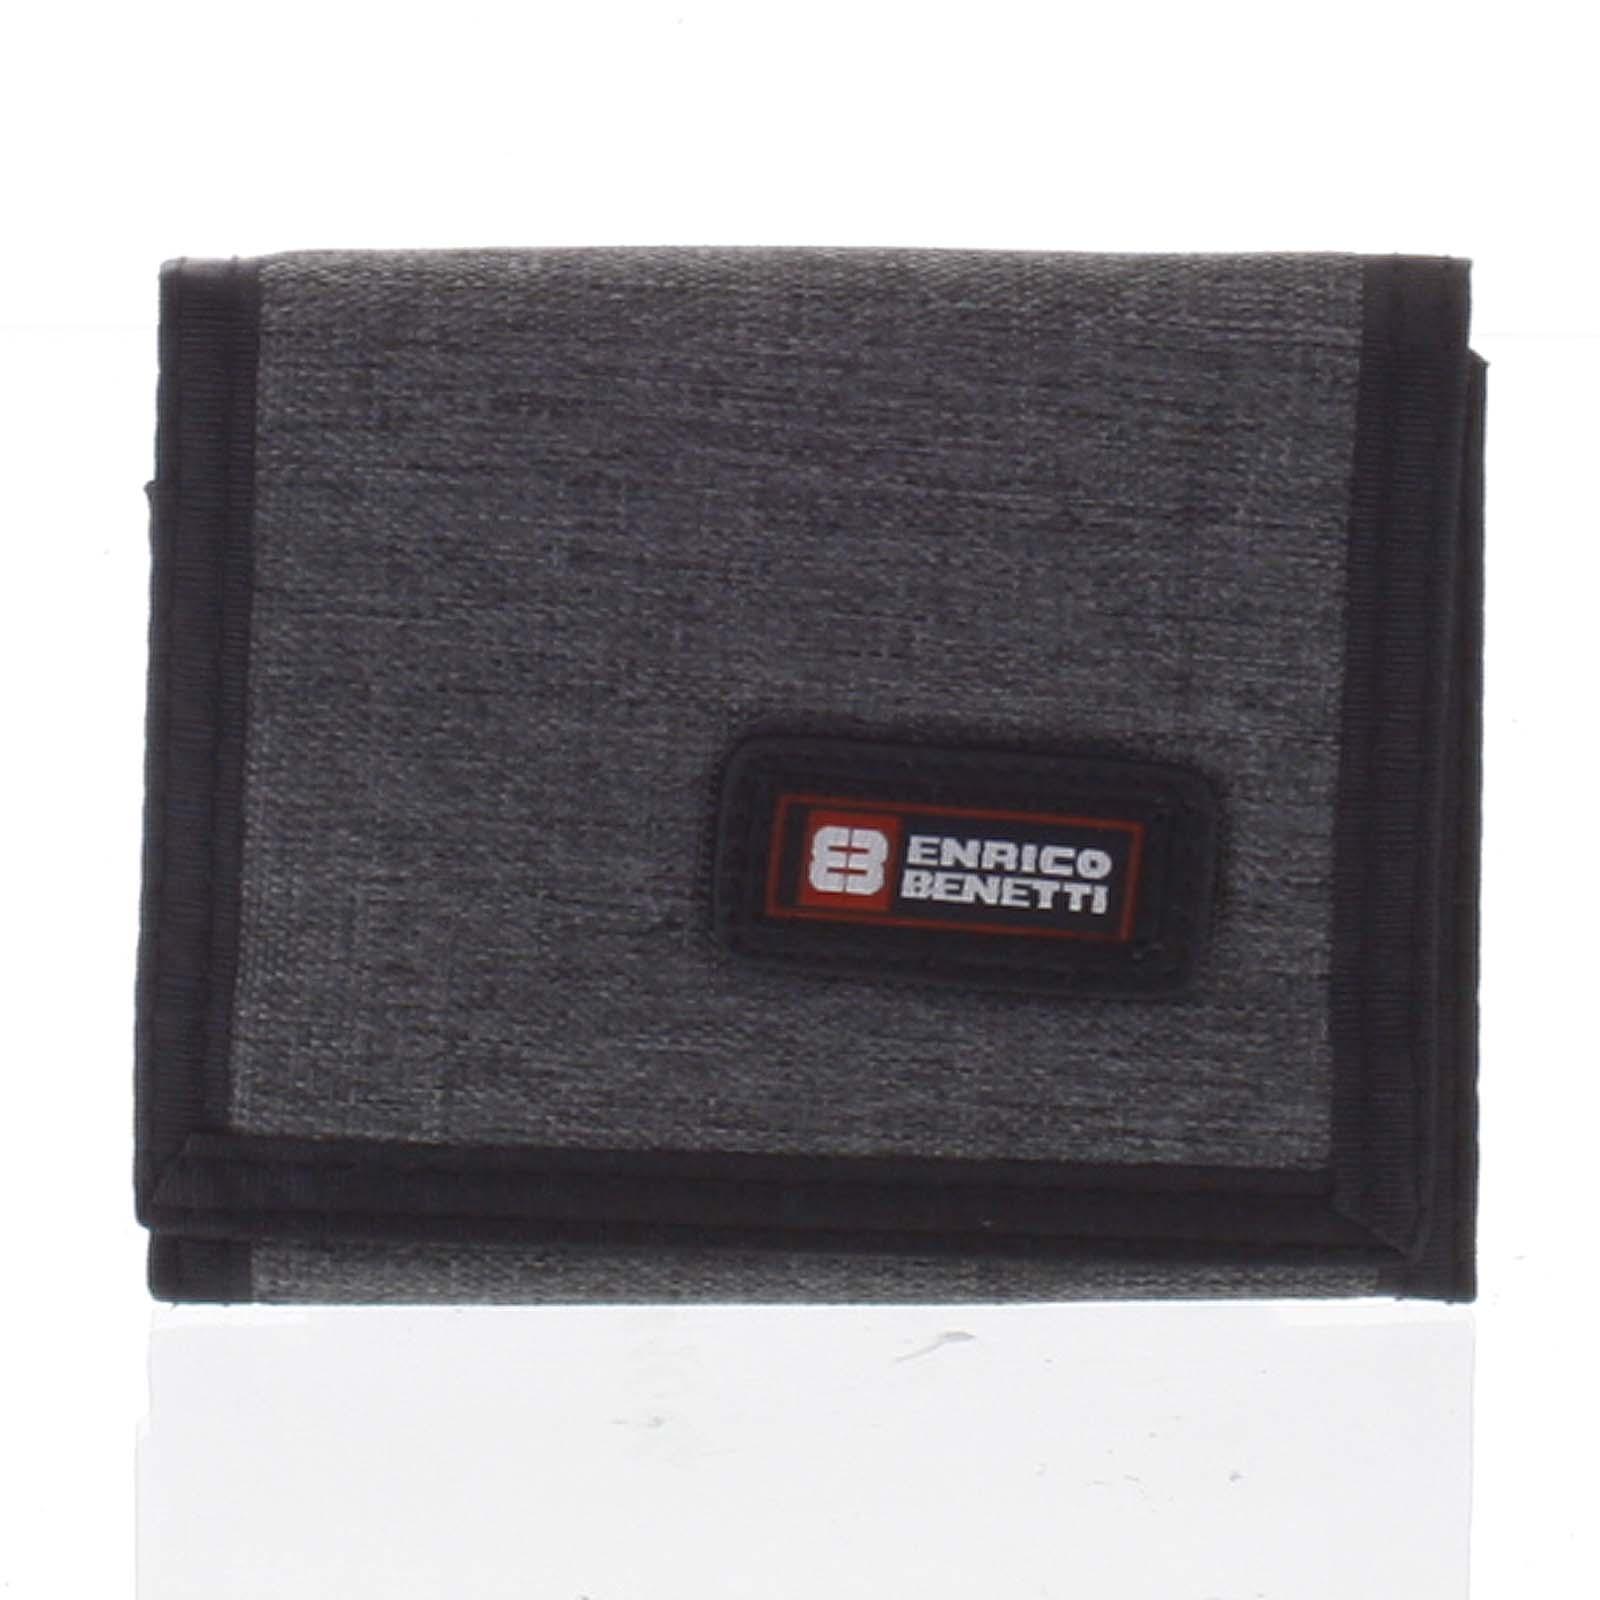 Peňaženka látková tmavosivá - Enrico Benetti 4600 šedá